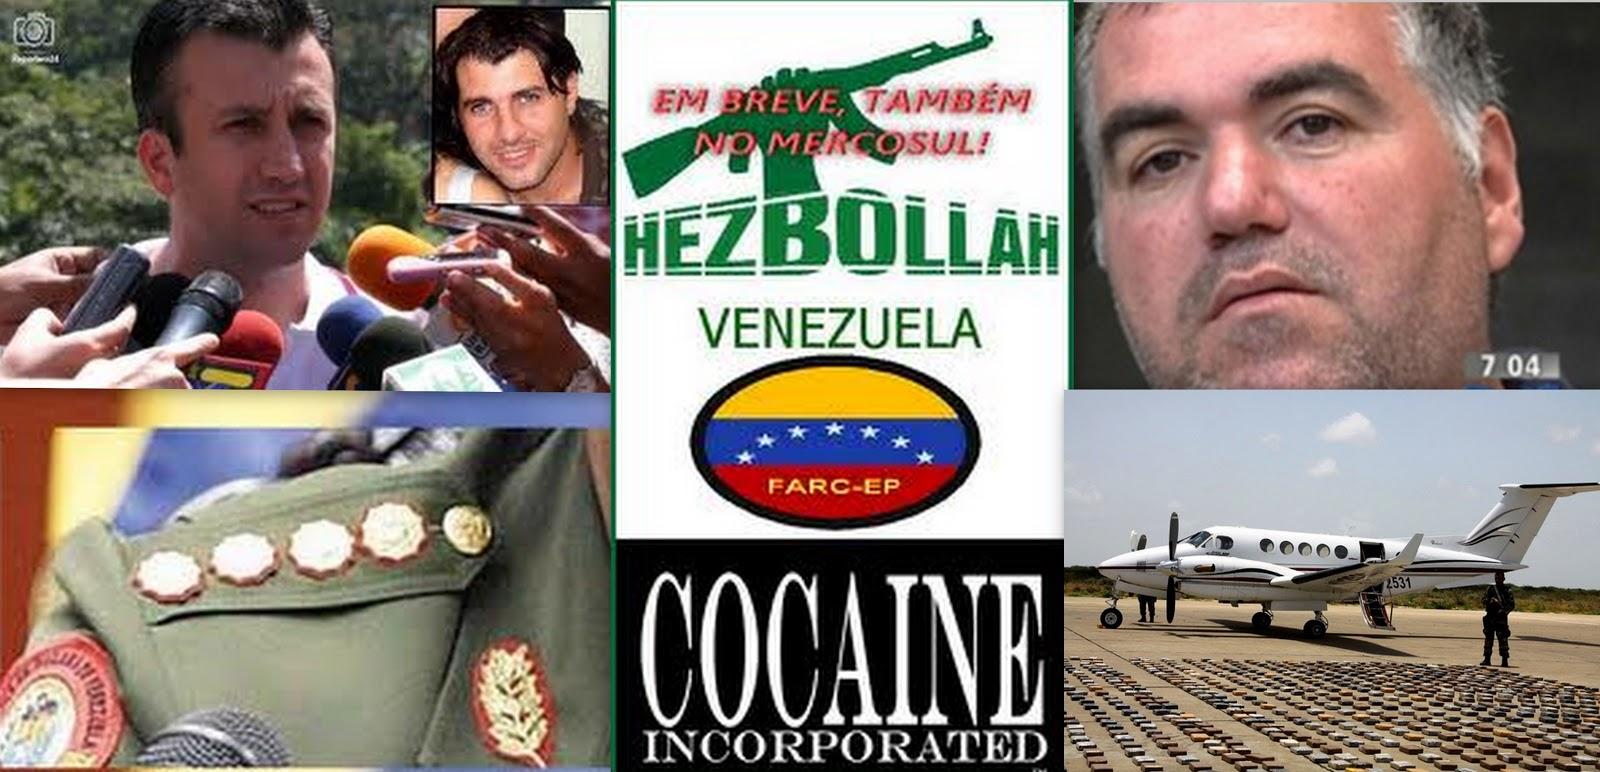 Consecuencias Culturales De La Ubicacion Geografica De Venezuela